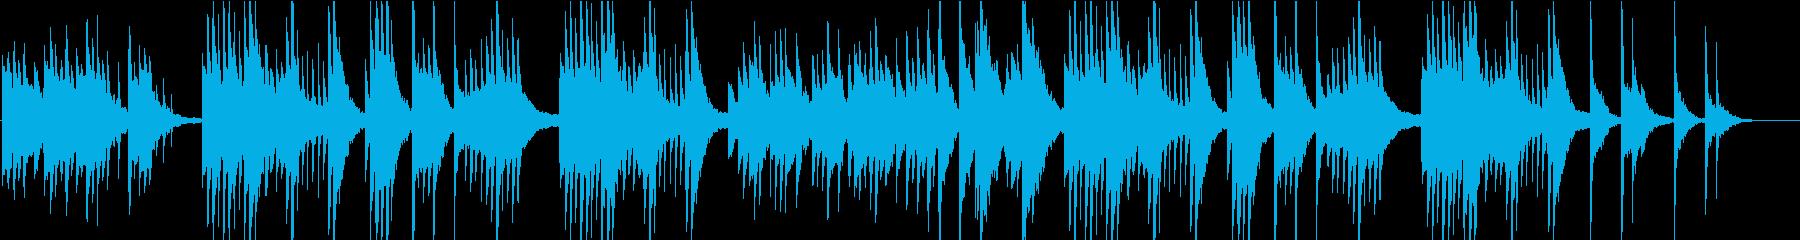 リラックスする新感覚ヒーリングピアノ の再生済みの波形